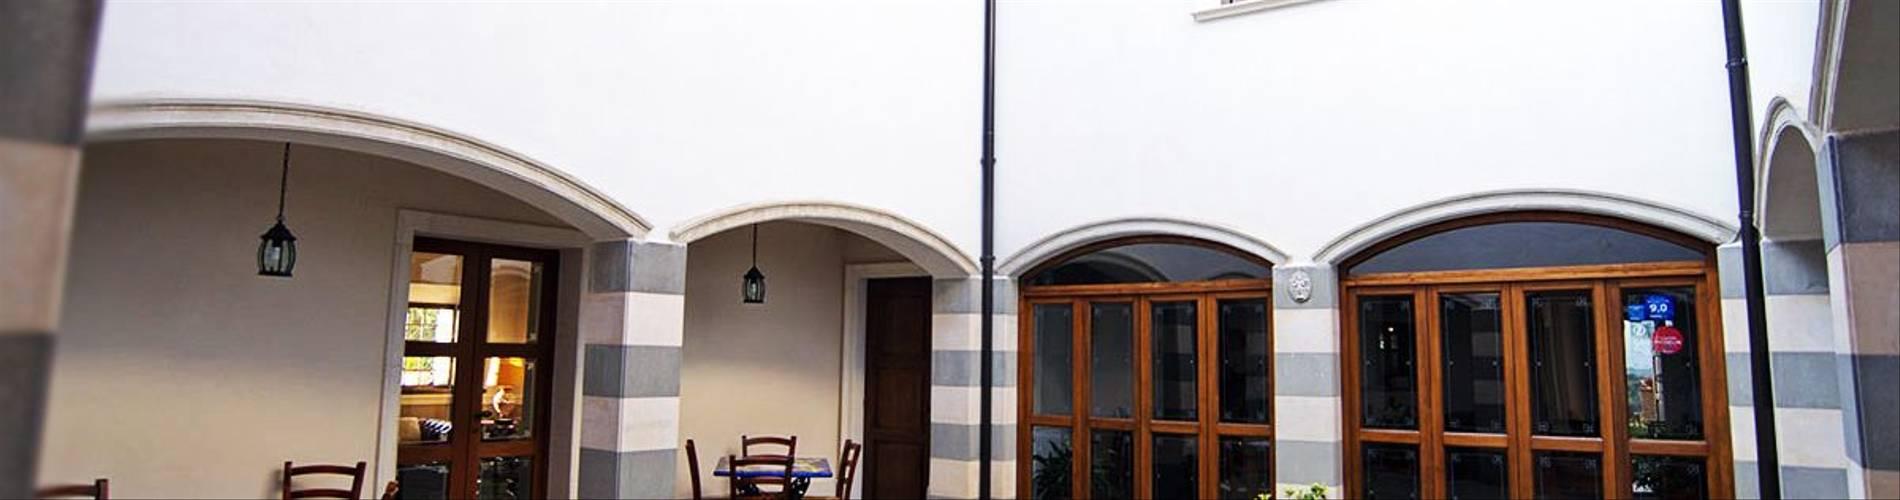 Il Casale, Calabria, Italy (11).jpg